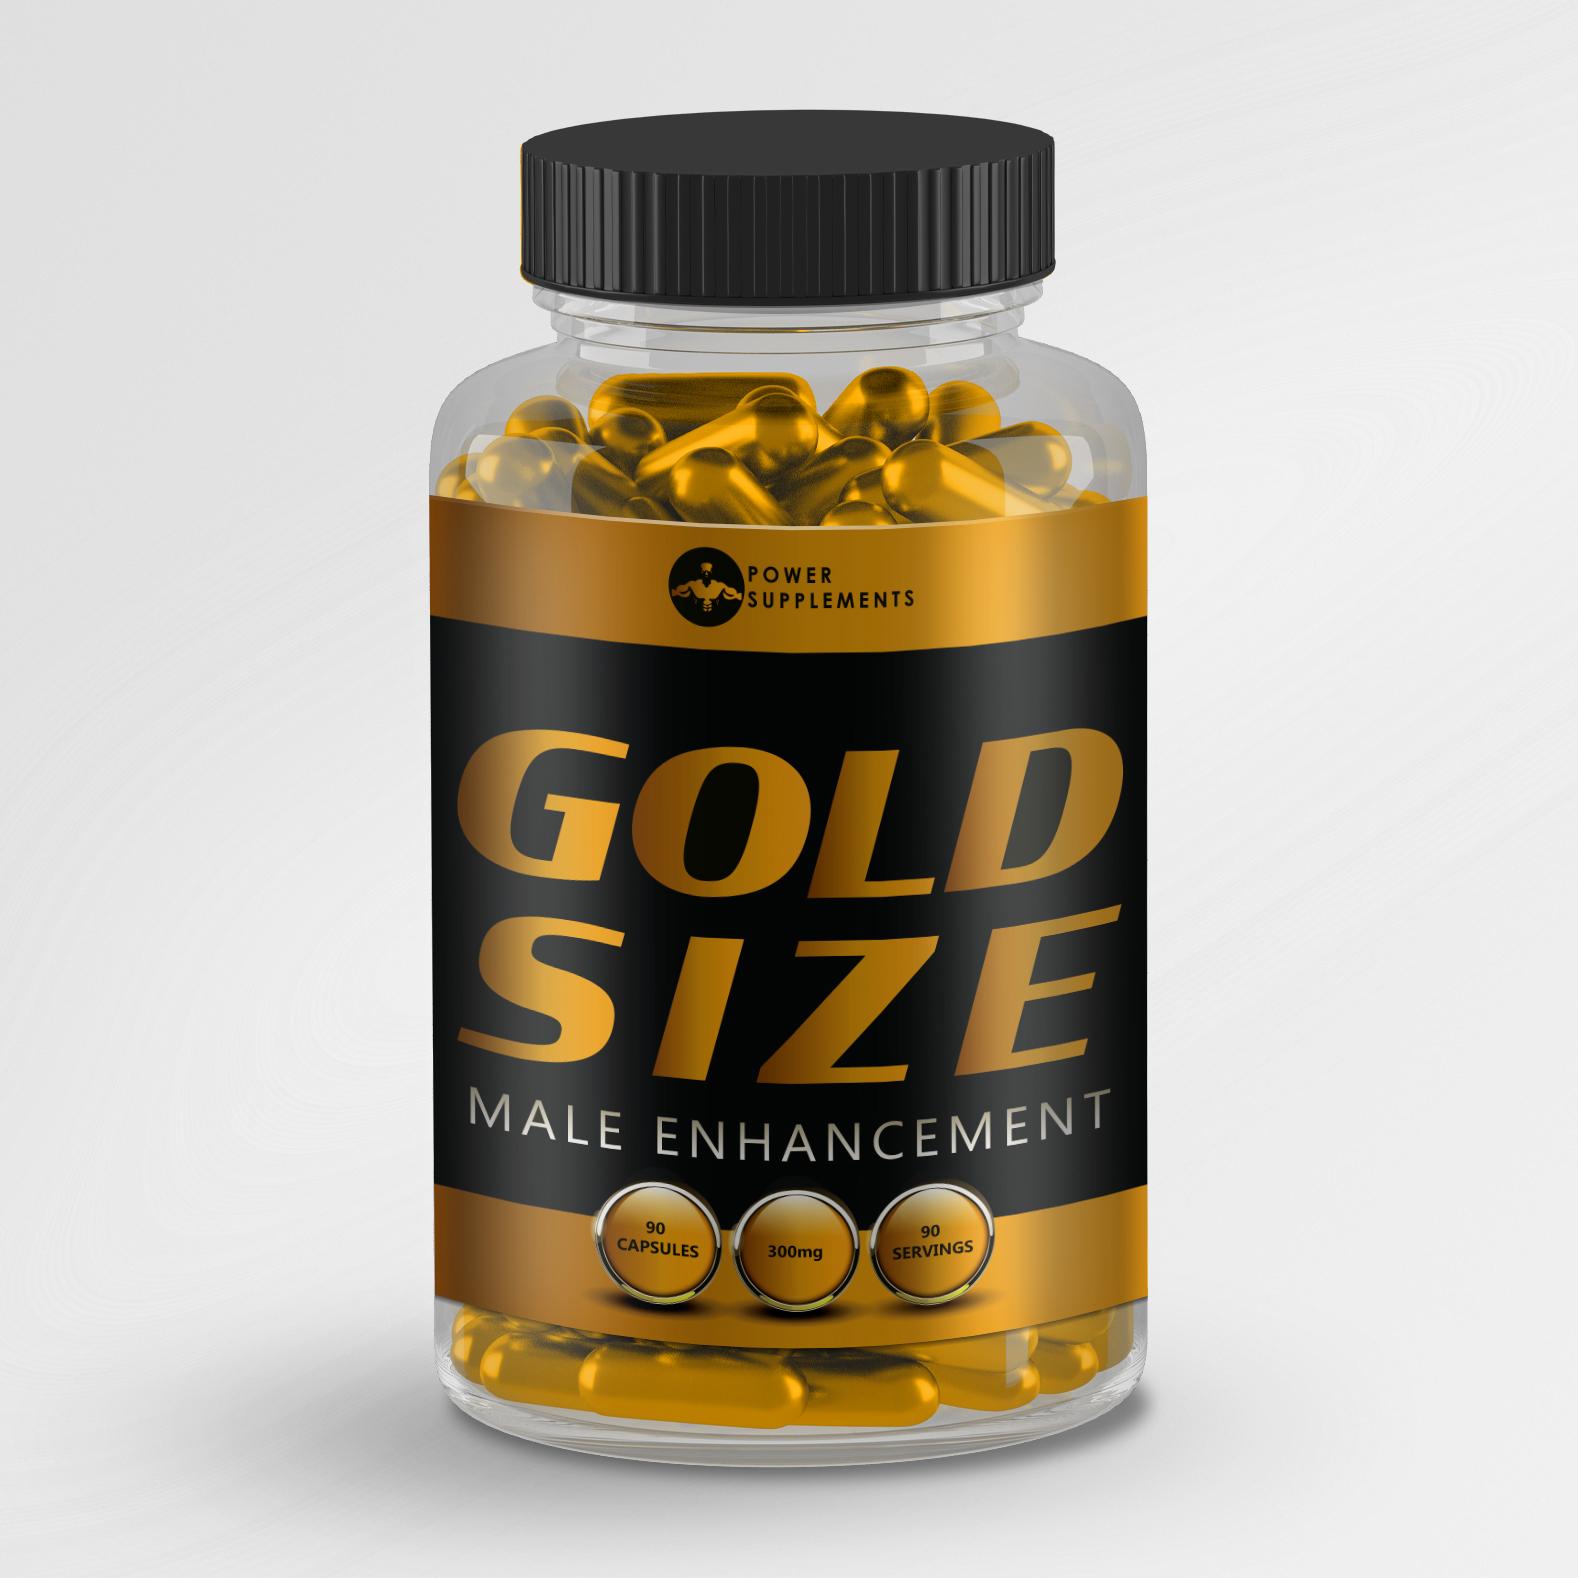 GOLD SIZE - MALE ENHANCEMENT PENIS ENLARGEMENT PILLS - 90